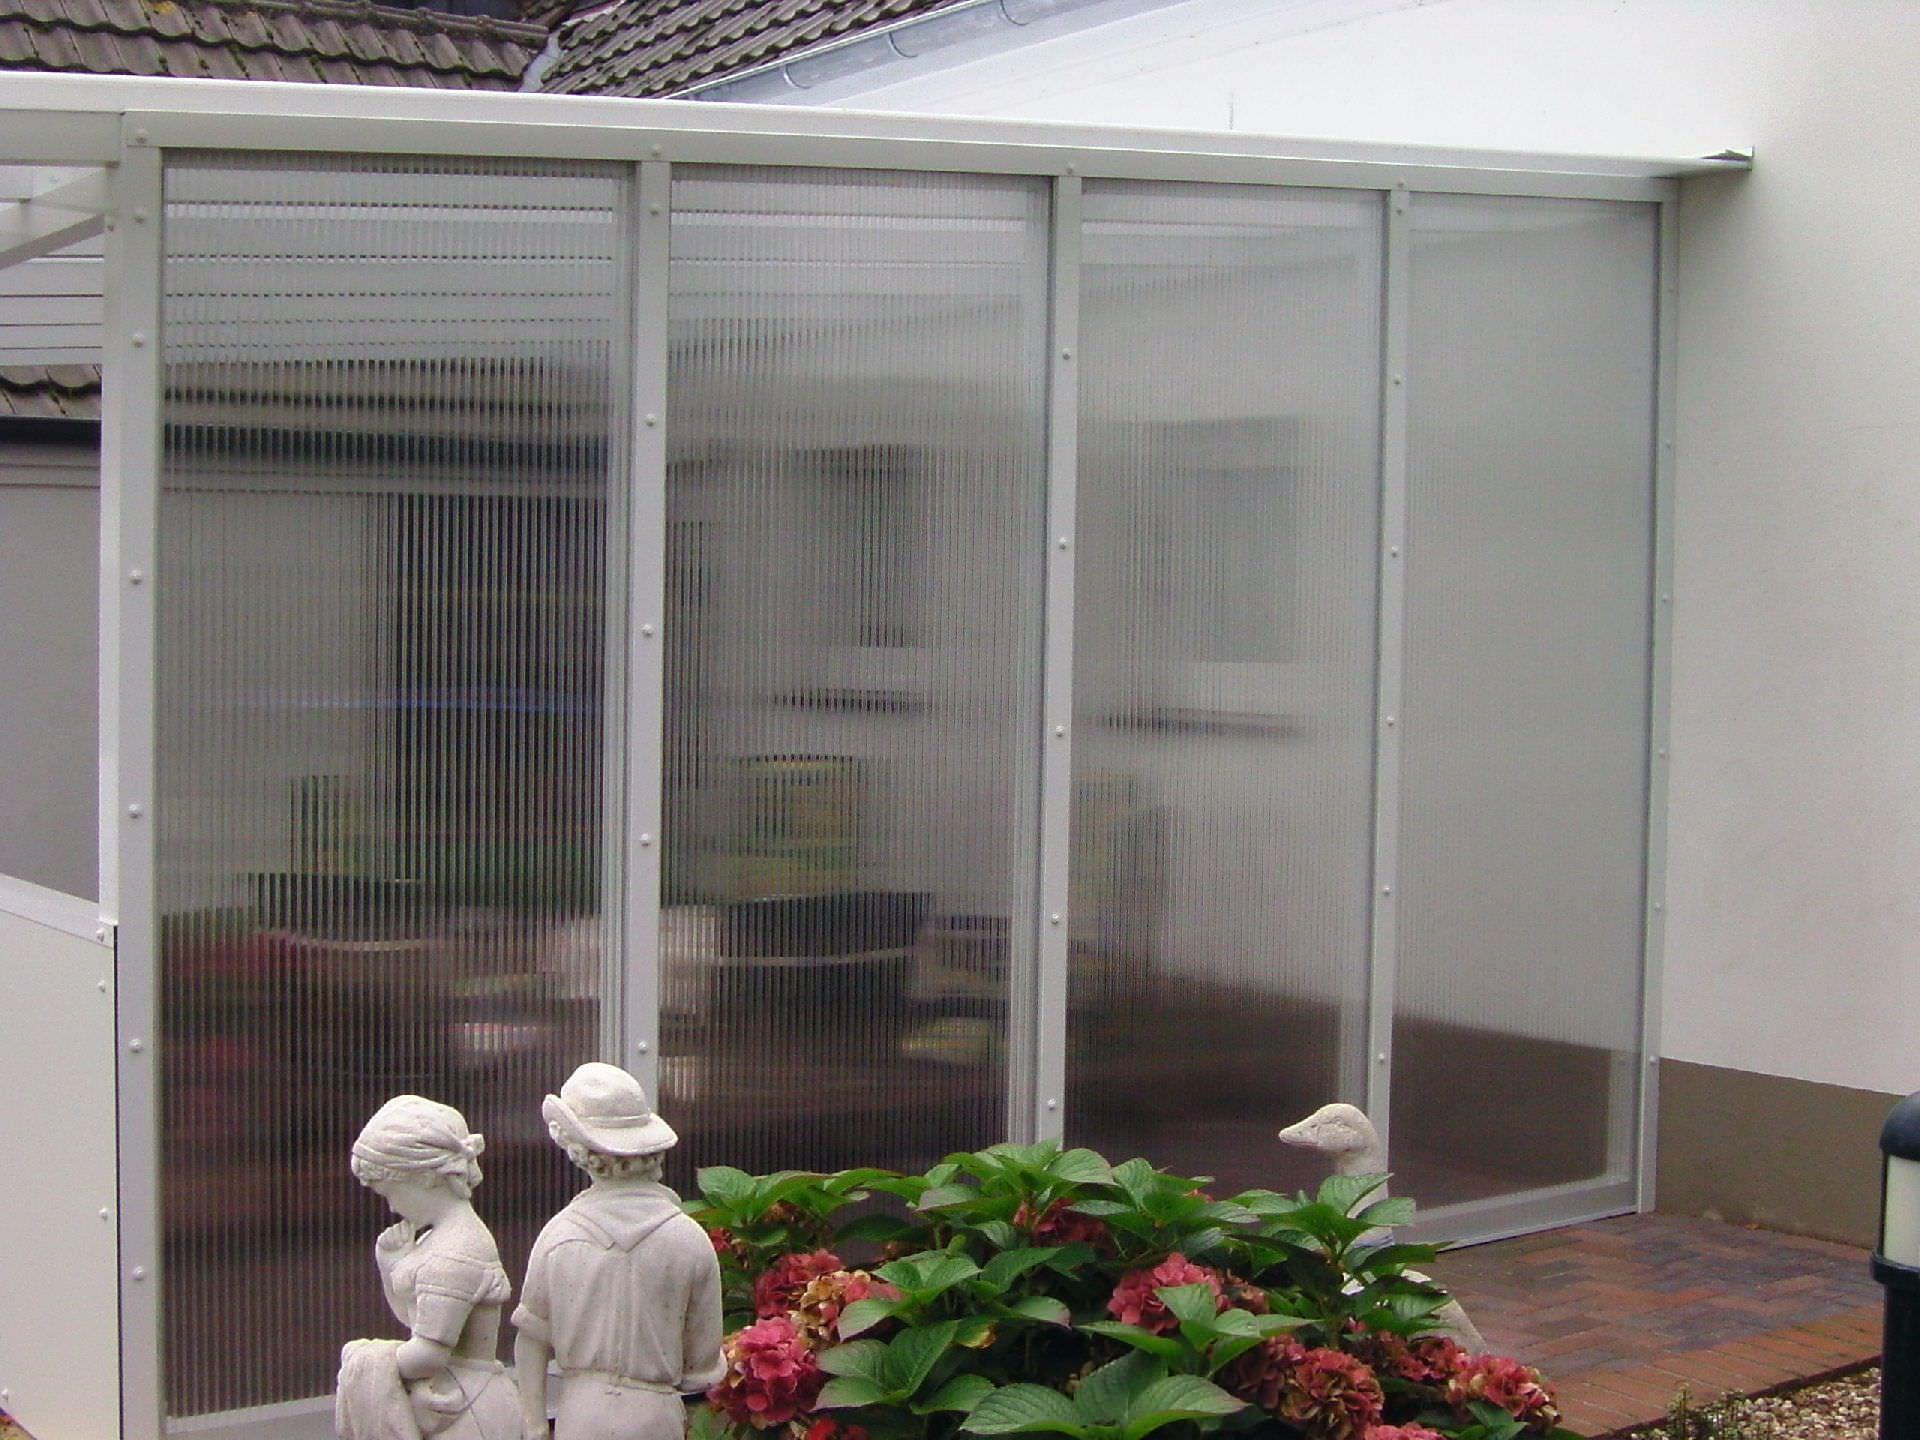 Wind Sichtschutz Kunststoffe Th Moers